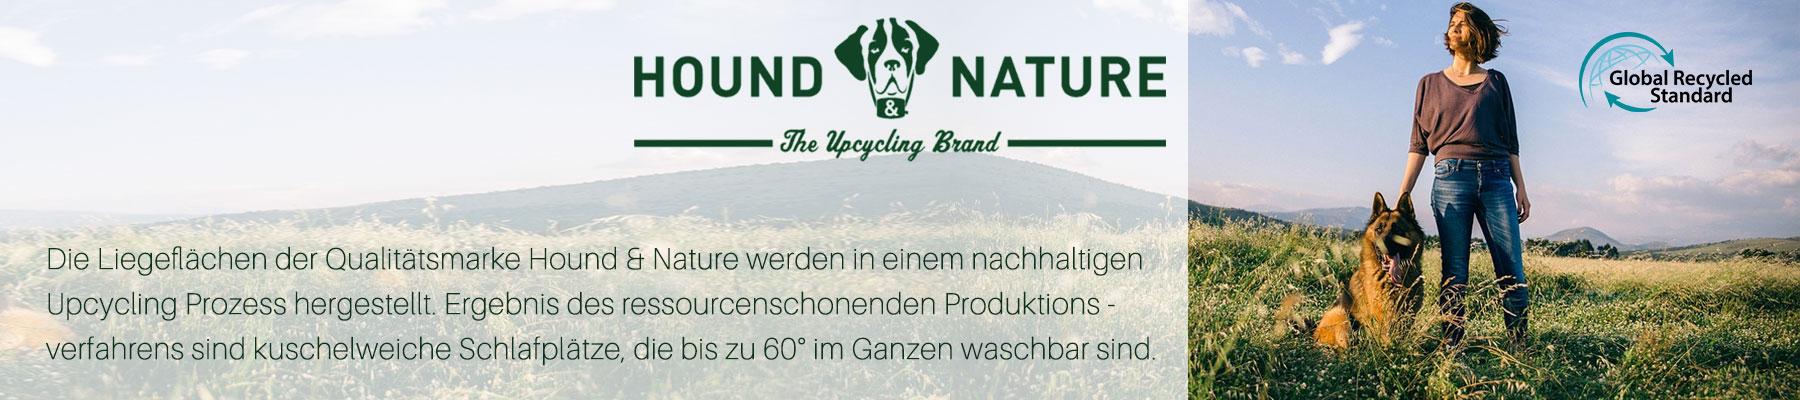 Hound & Nature Schlafplätze, Bild 1